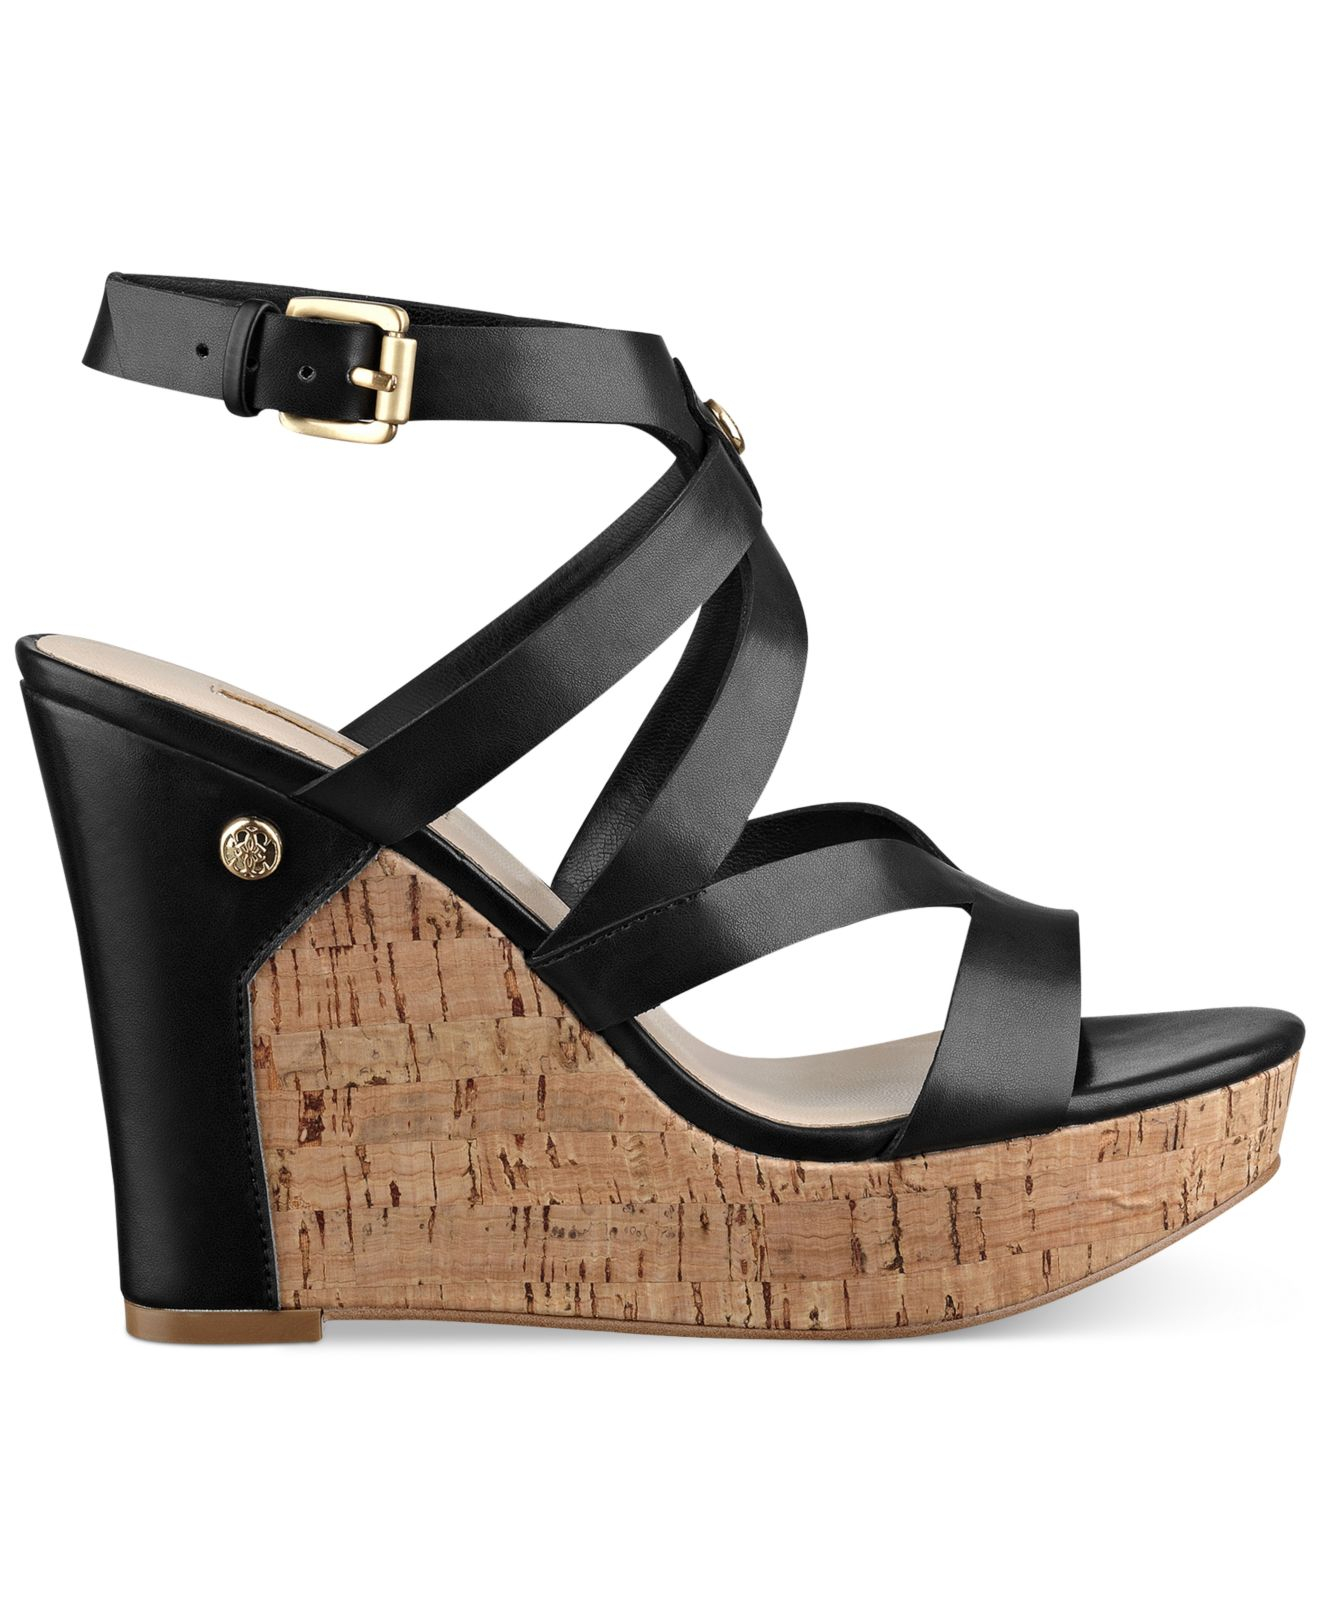 d8fa8af53826 Lyst - Guess Women s Harlee Cork Platform Wedge Sandals in Black